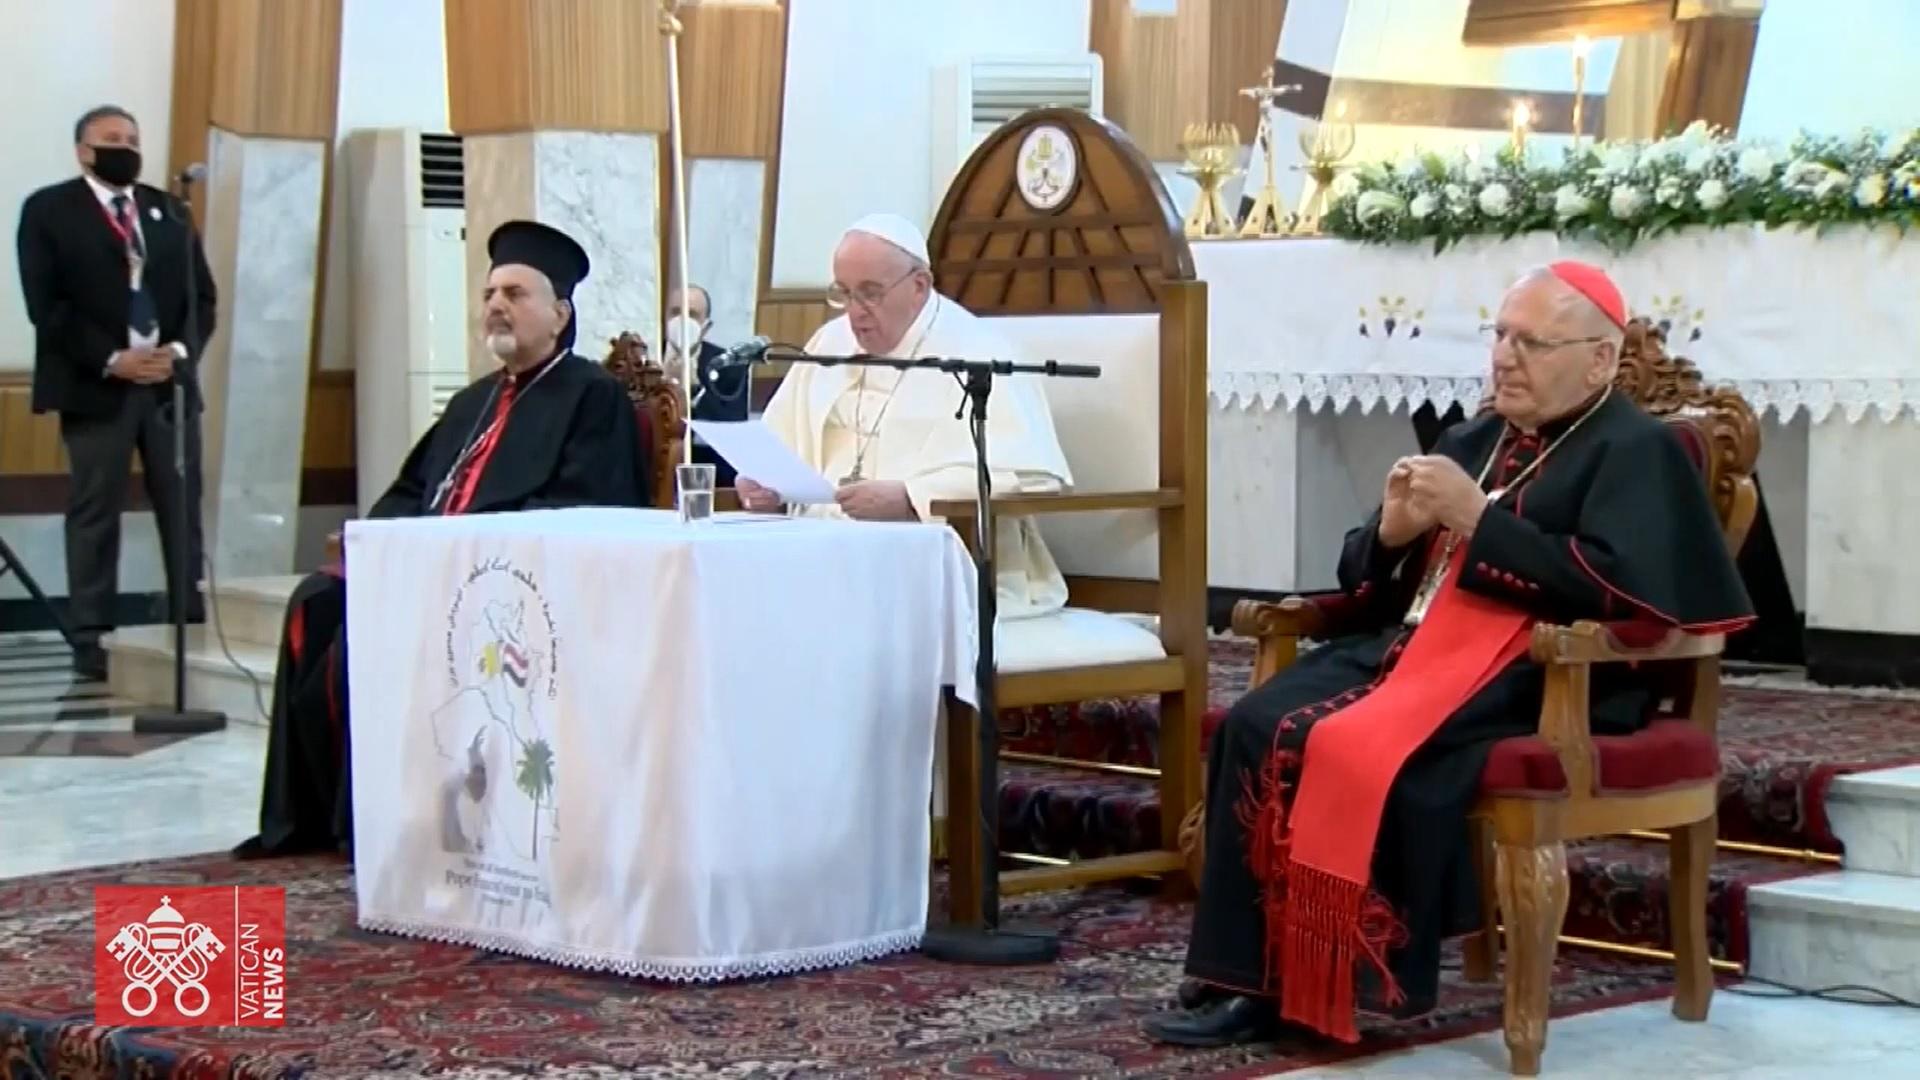 Папа духовенству: Насилие и ненависть несовместимы с религией